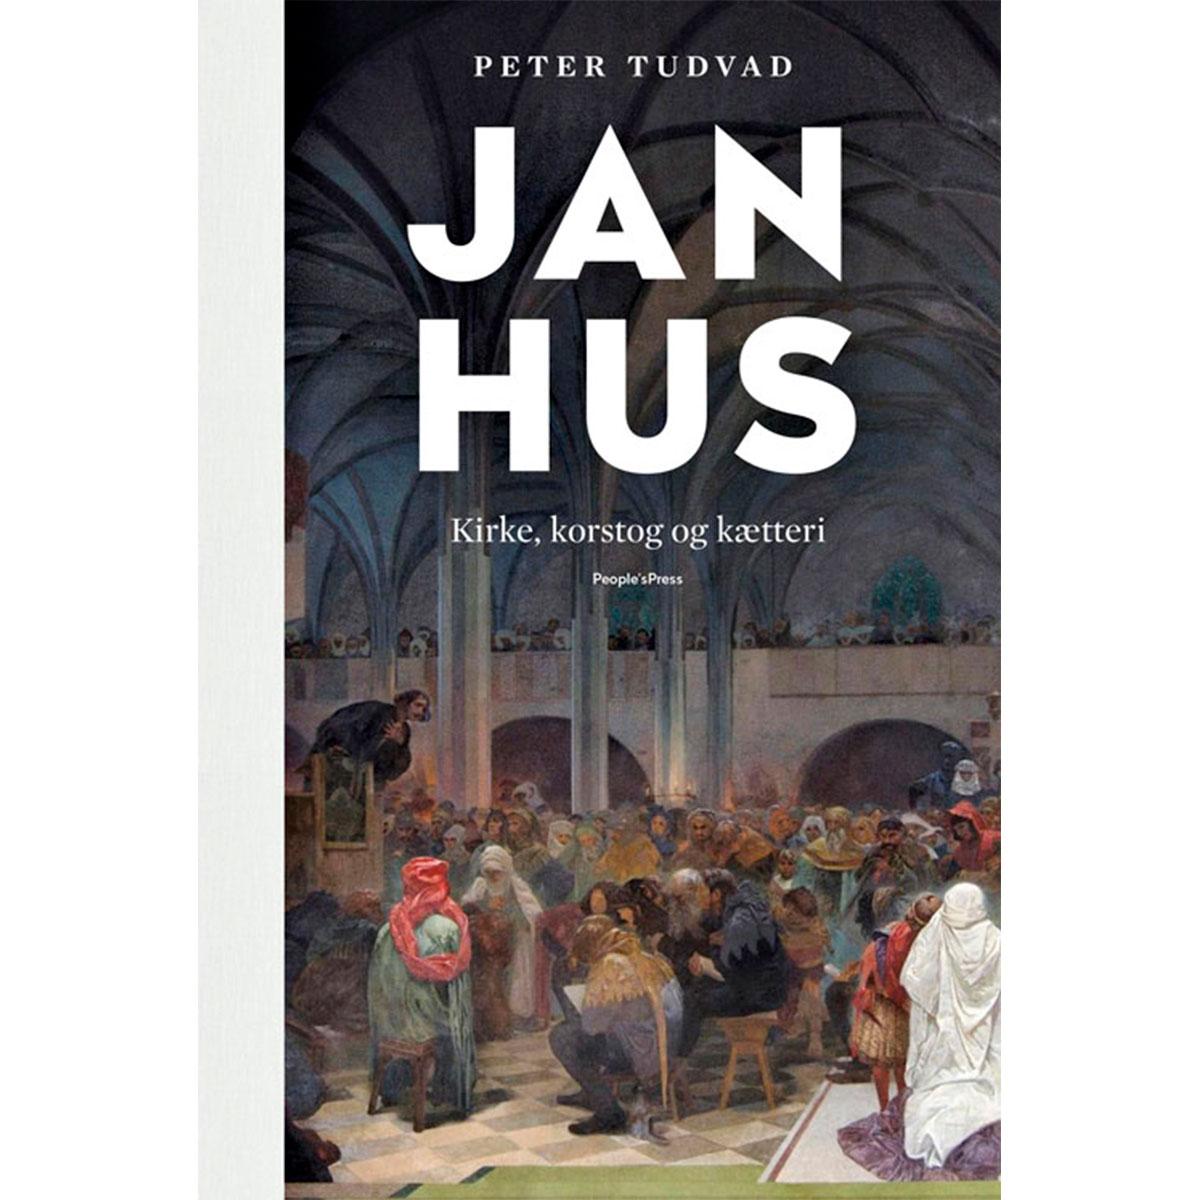 Jan Hus - Kirke, korstog og kætteri - Indbundet